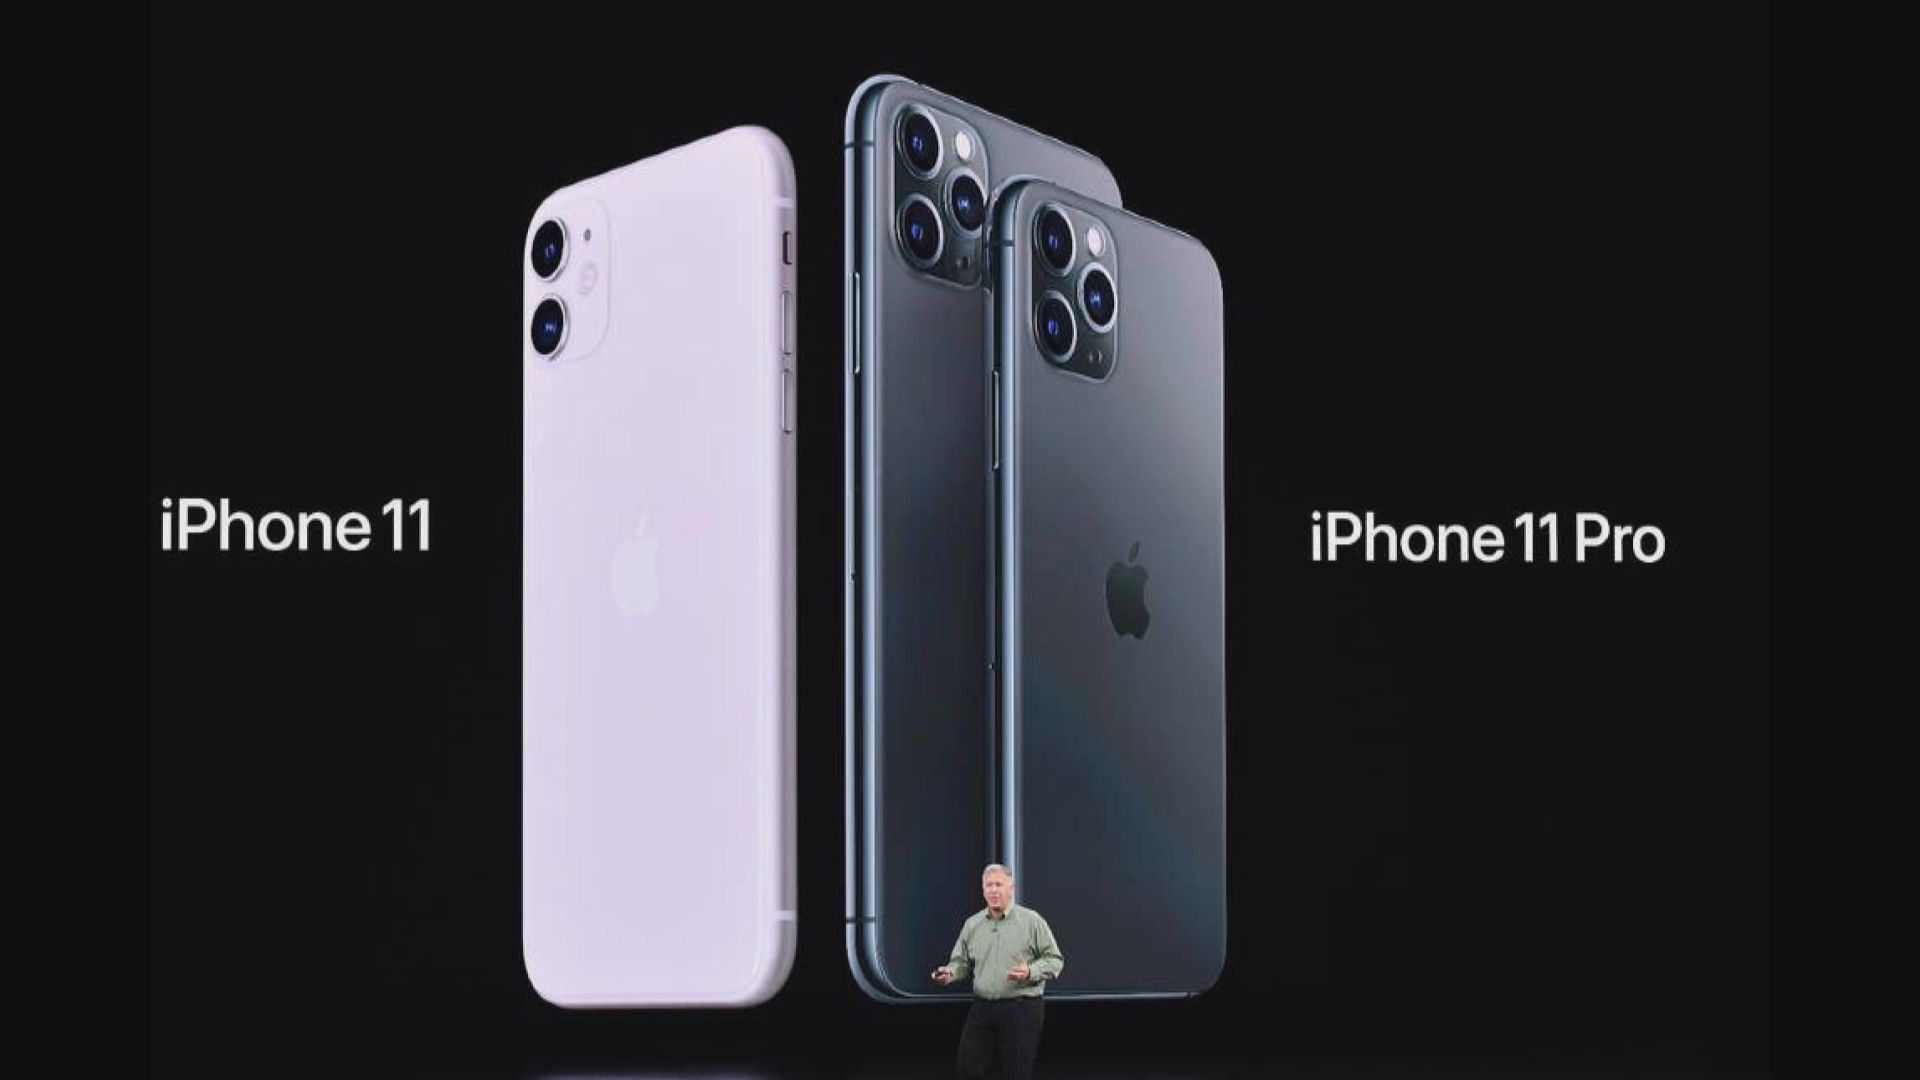 【三鏡頭「攝力」最強】周五預訂!三款iPhone 11 $5999起跳